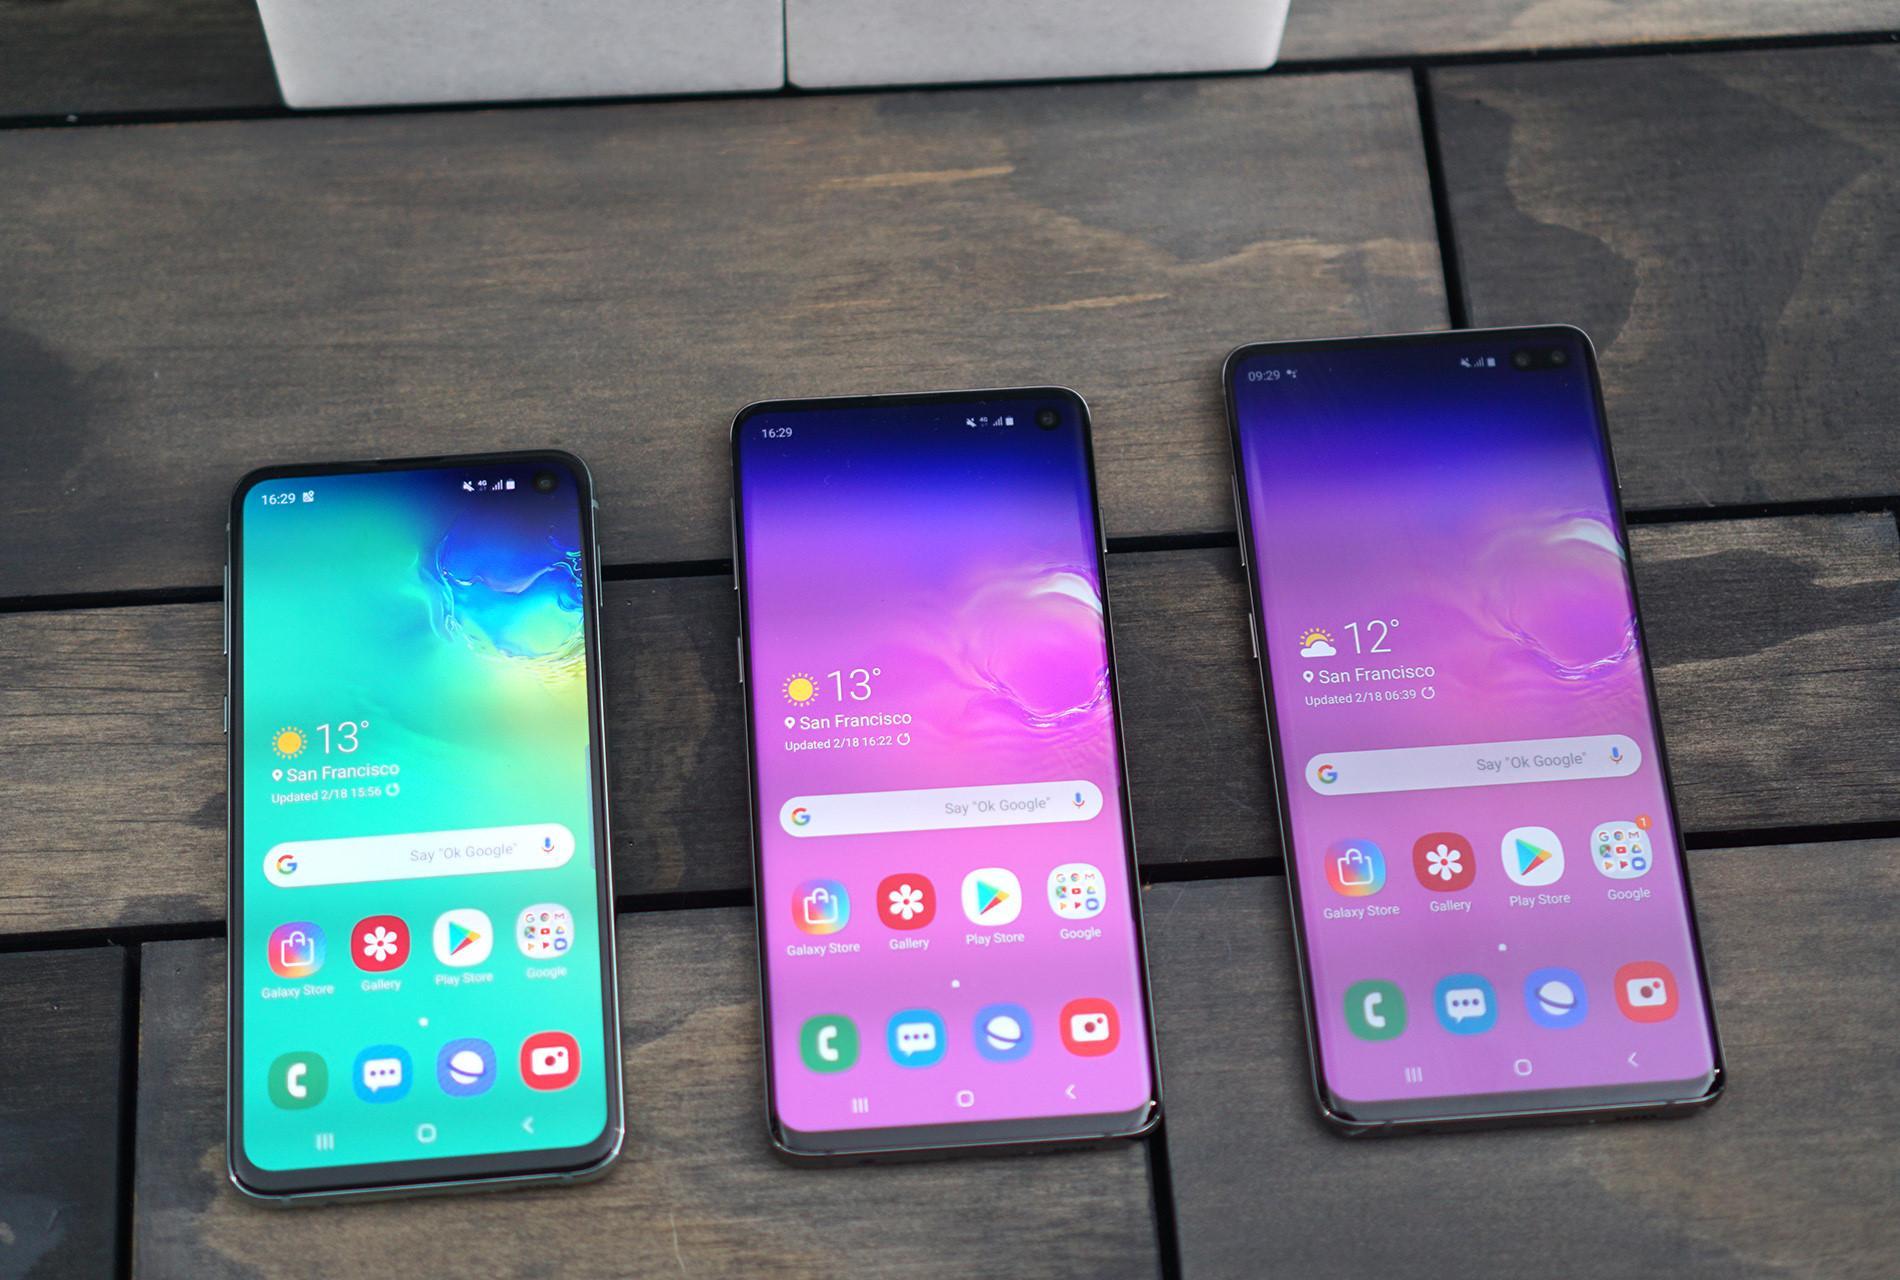 Chi tiết Galaxy S10e - vũ khí bí mật của Samsung? Ảnh 10